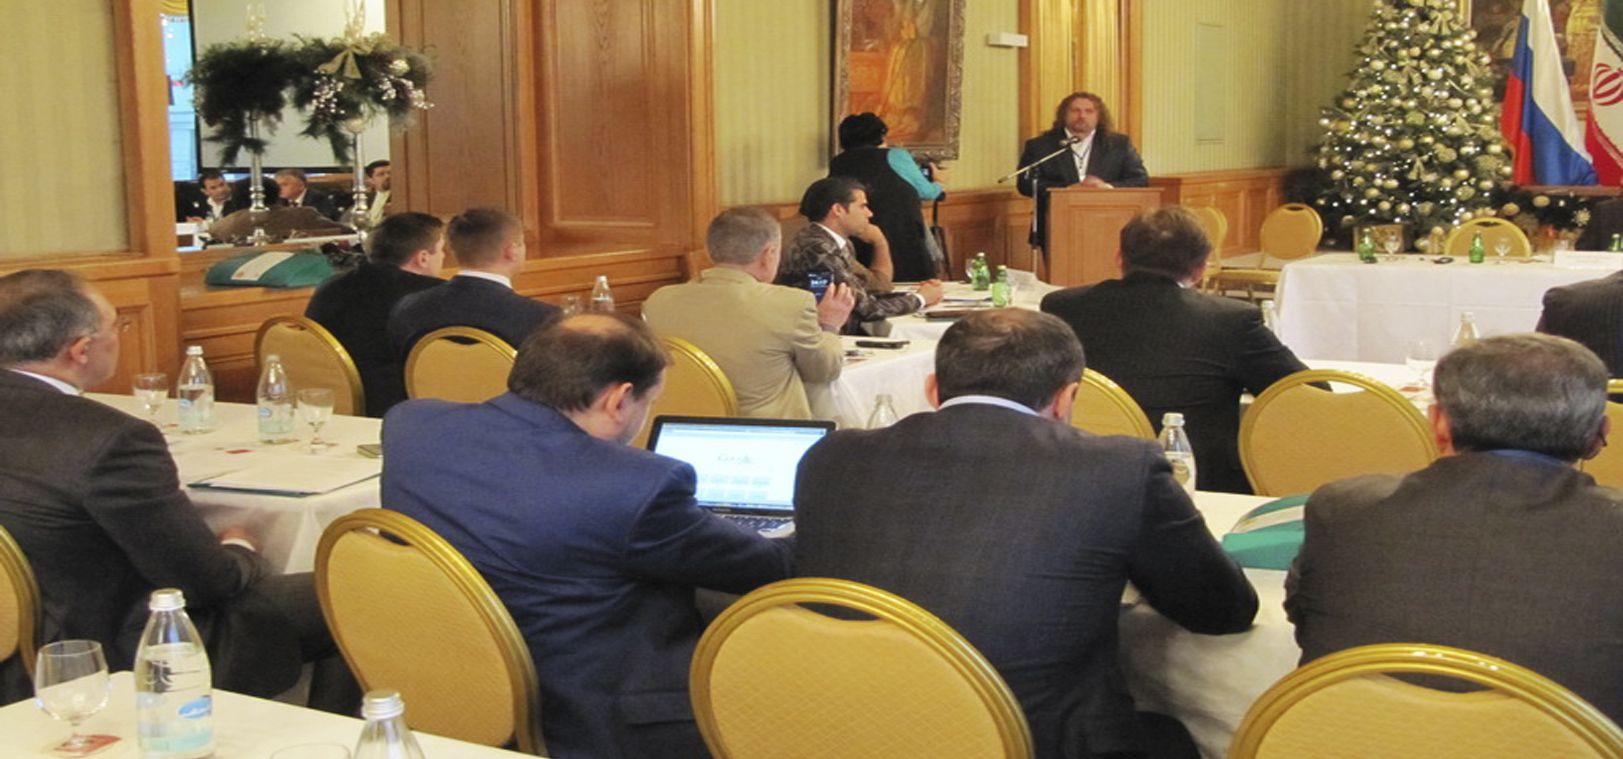 Azeri Sahar Tv | Международная Бизнес - конференция «РосИранАгроЭкспорт-2014»  |